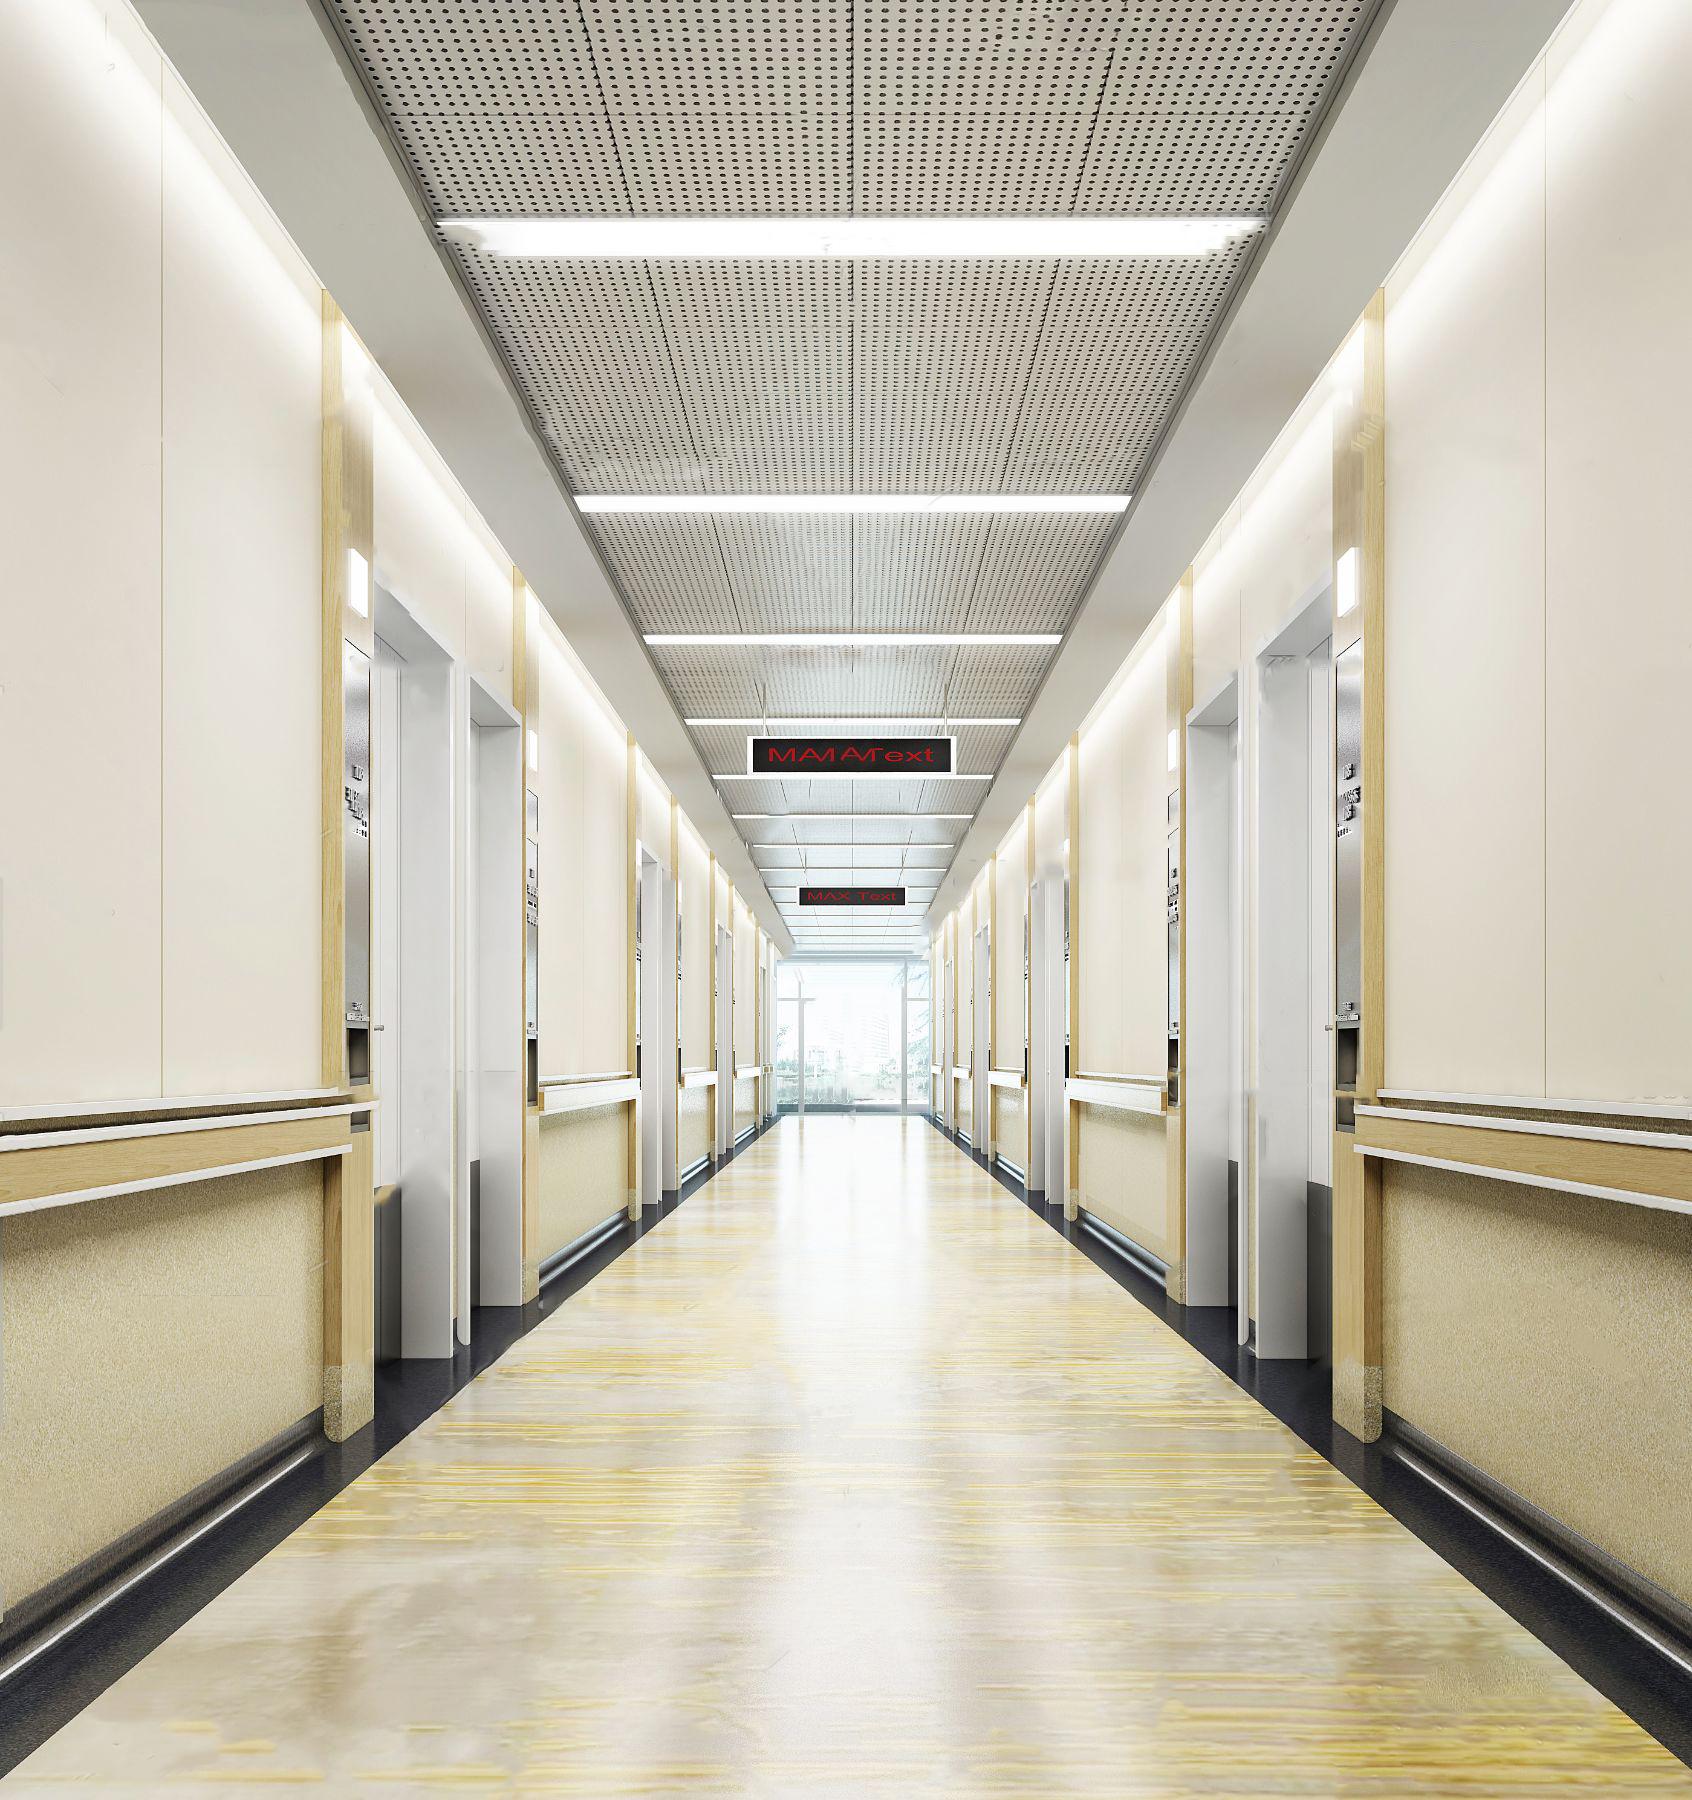 现代医院走道3d模型